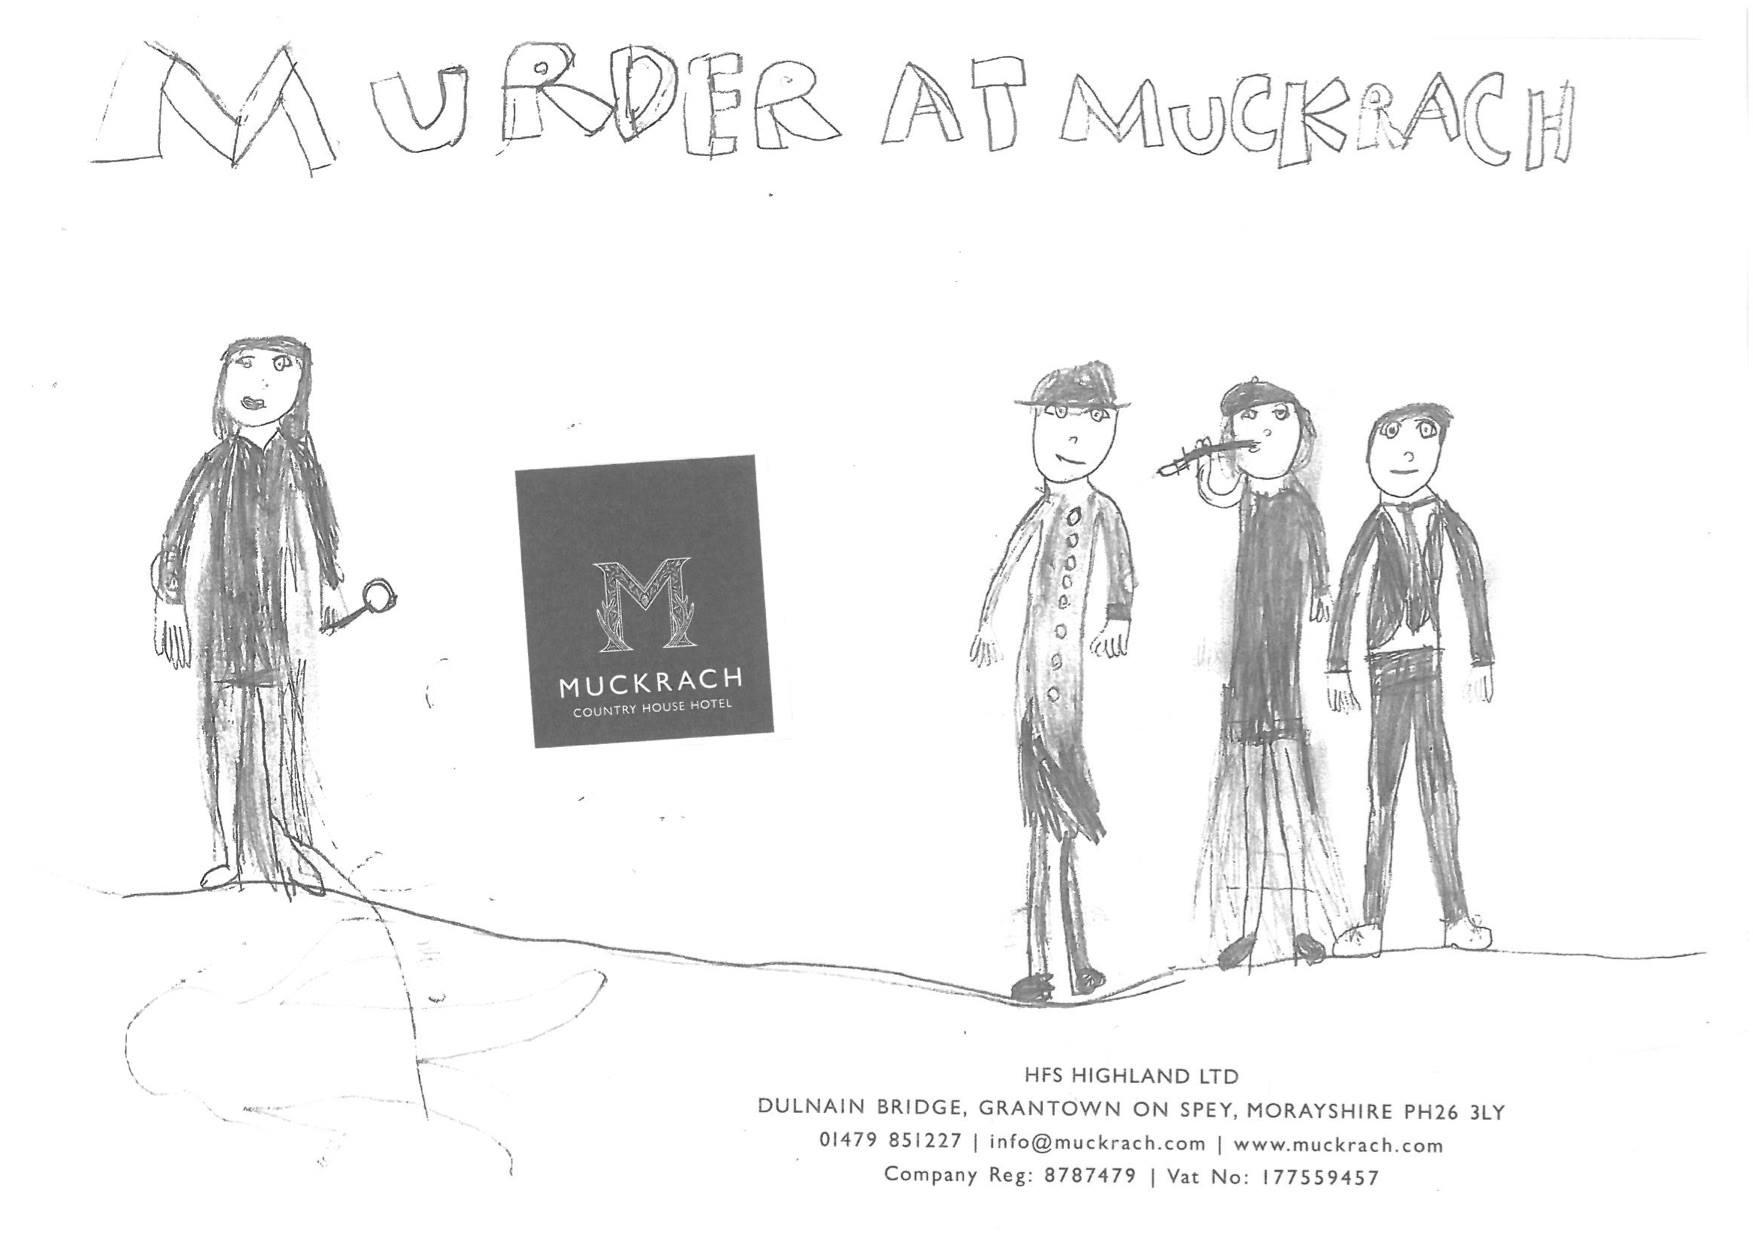 Murder at Muckrach!